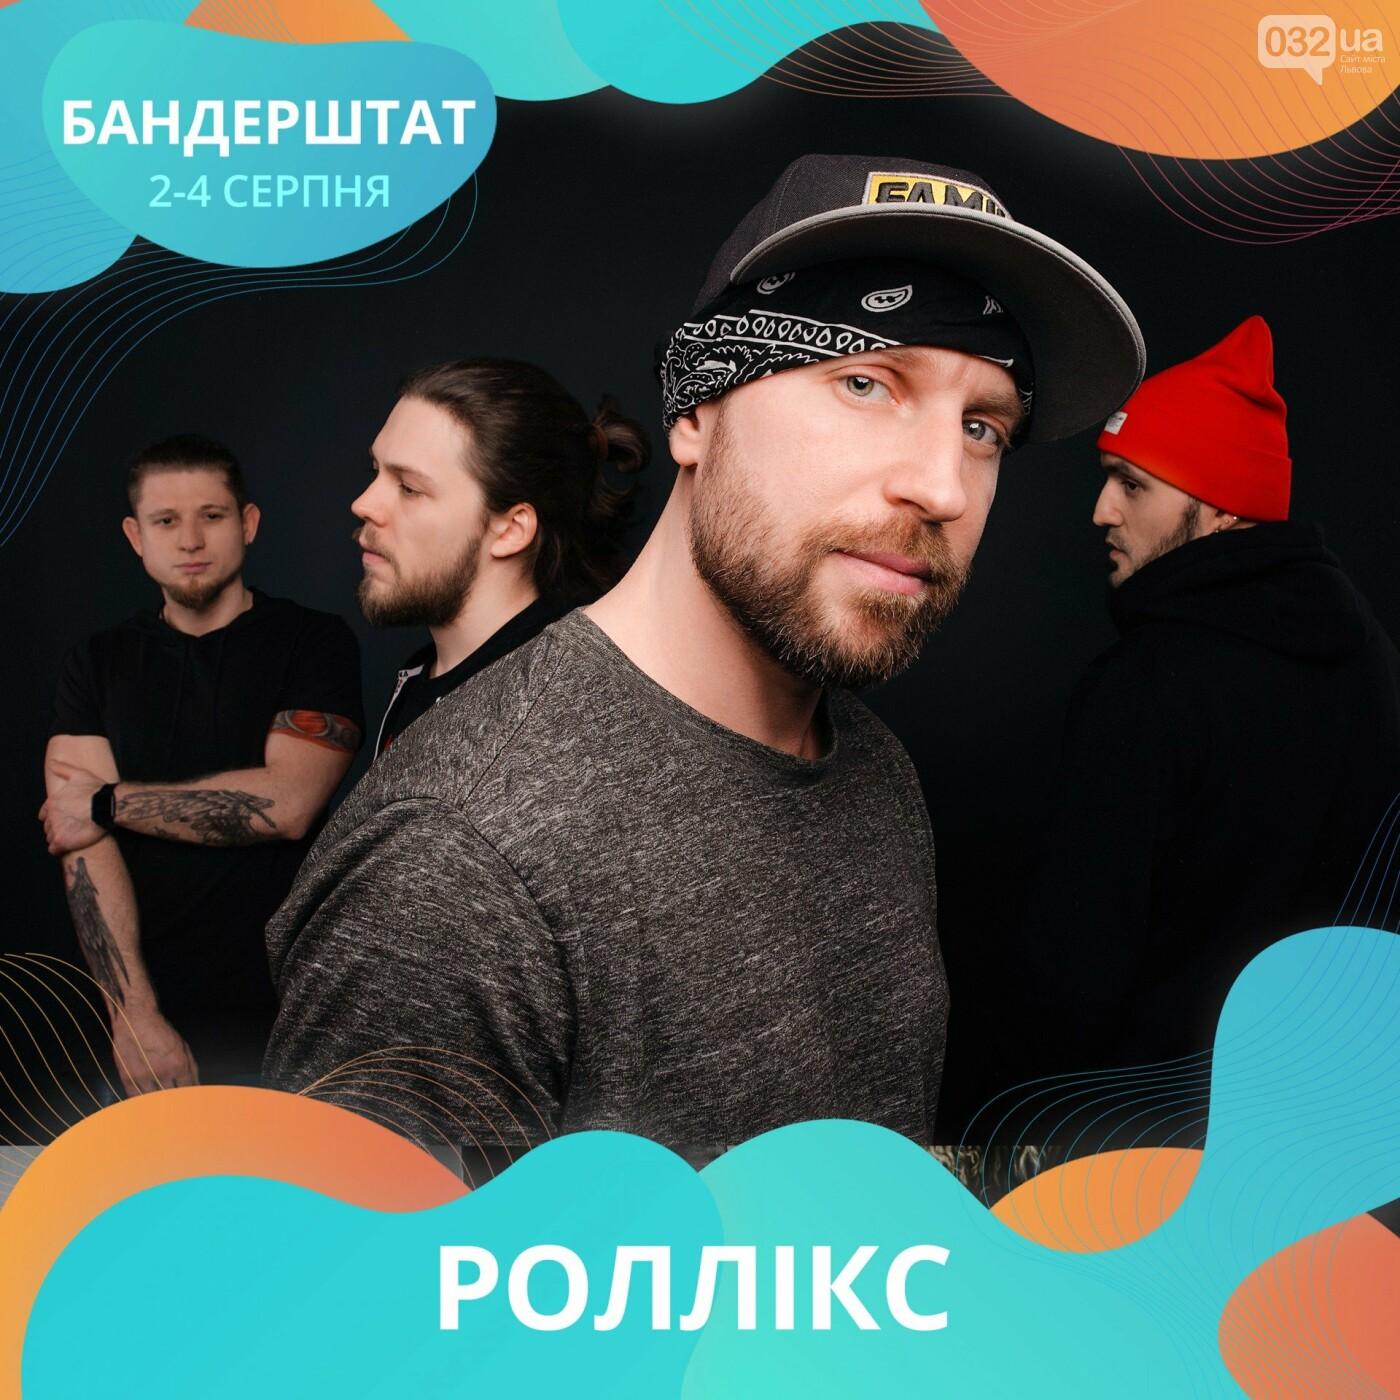 Зі Львова на Бандерштат: як добратись та програма фестивалю, фото-25